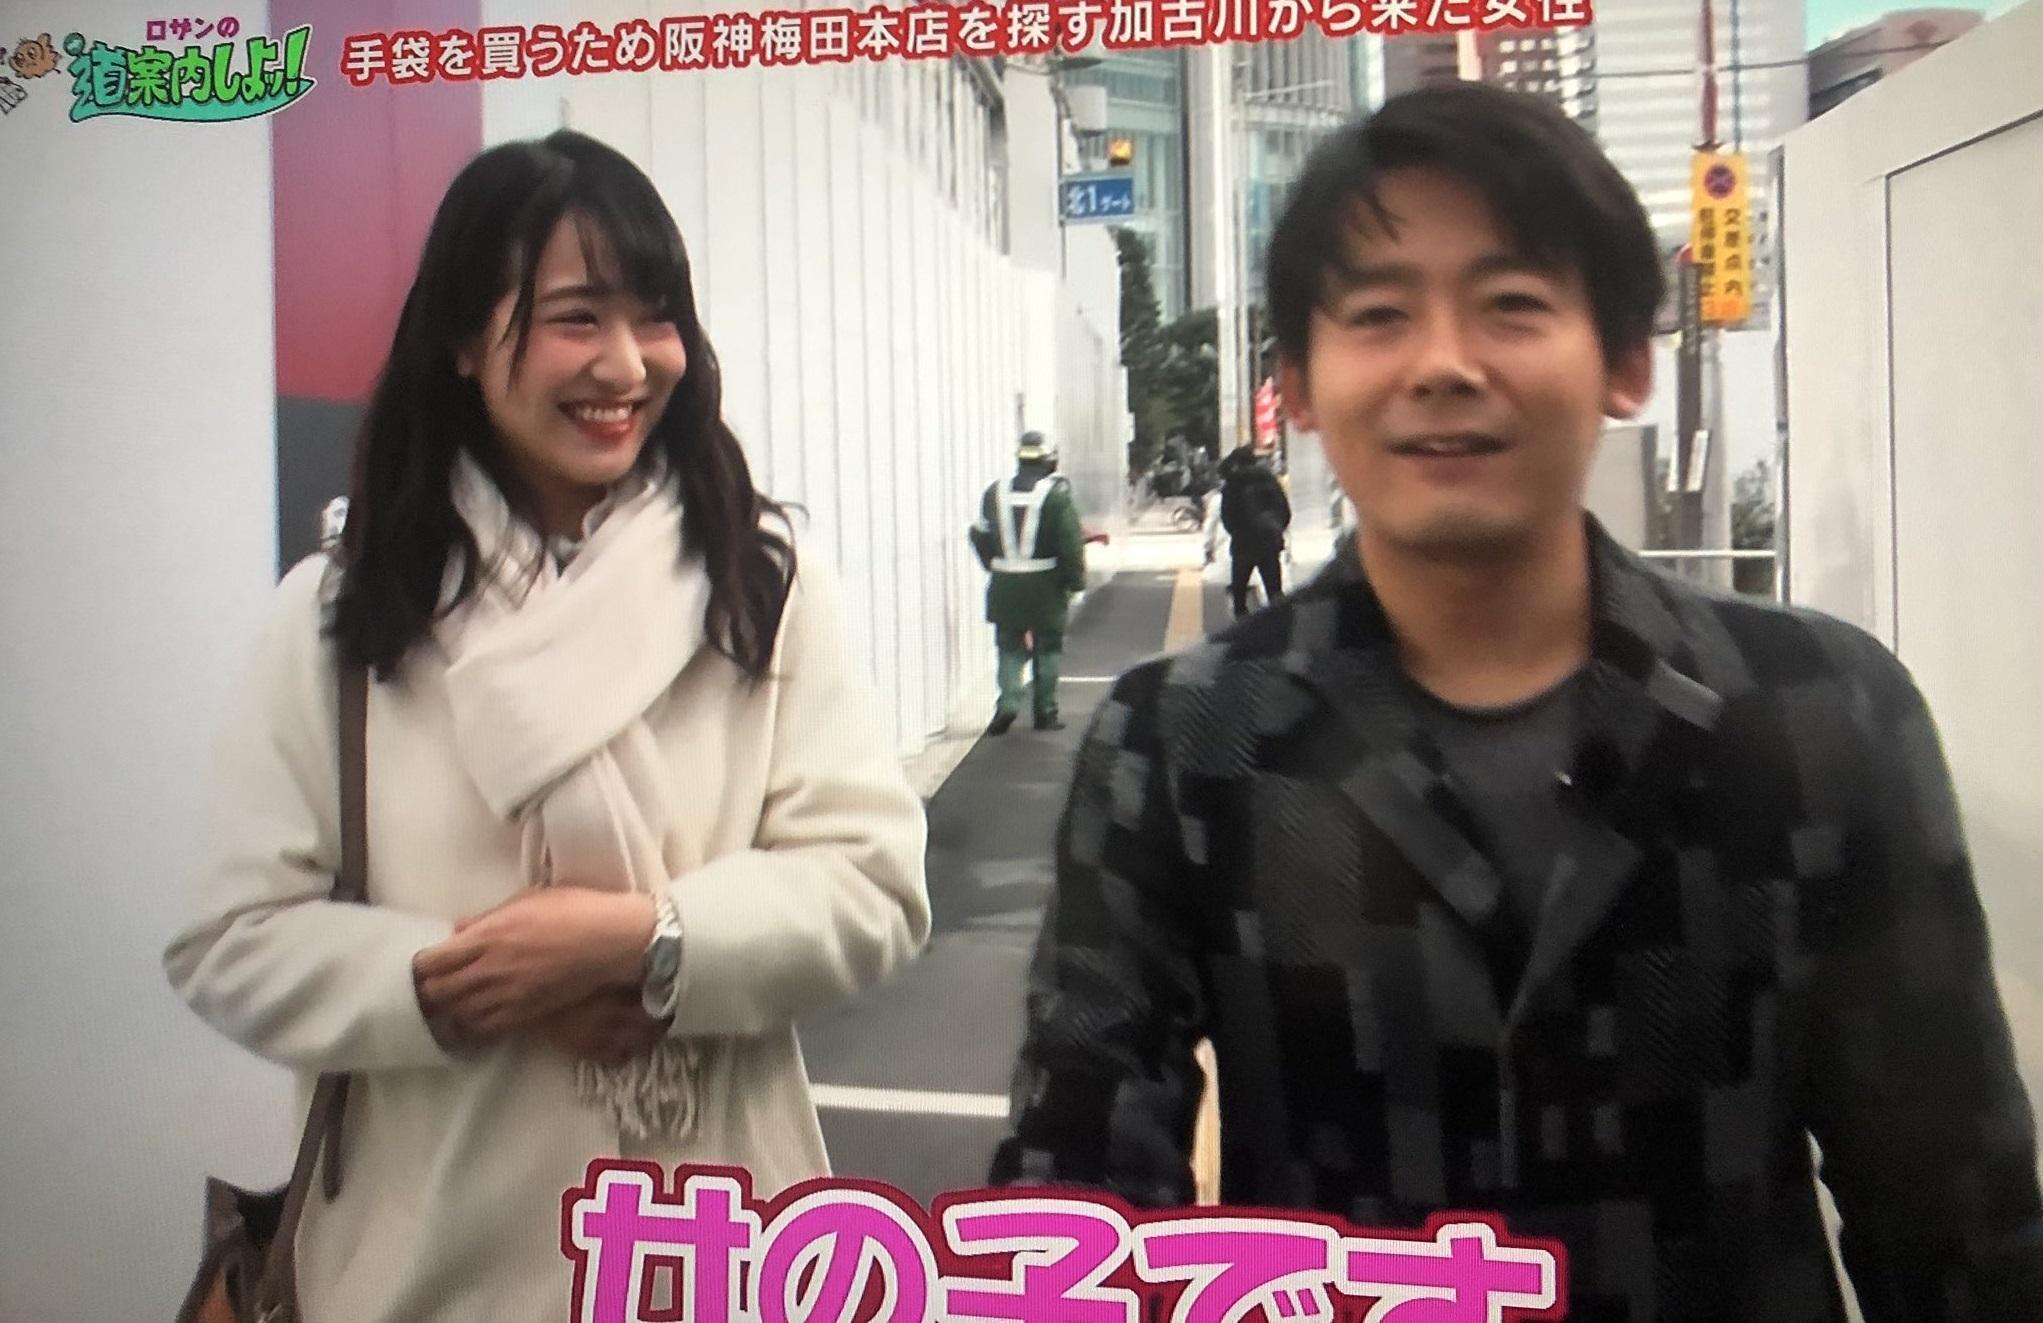 【植田碧麗】MBS「ちちんぷいぷい」の「ロザンの道案内しよッ!」にみーれが偶然登場